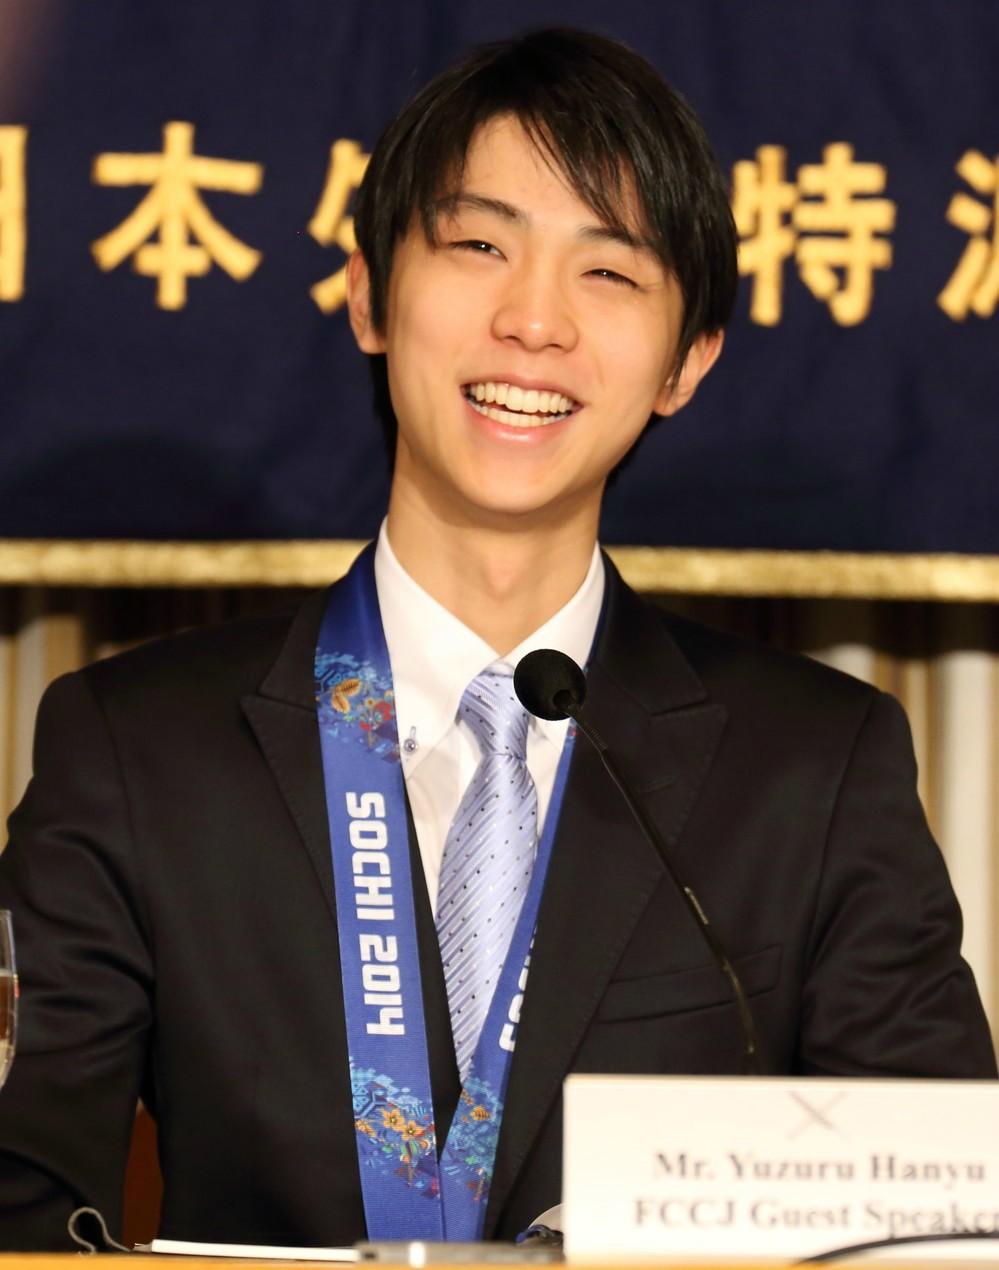 本田真凜「やばいやばいやばいやばい」 羽生結弦が「奇跡の逆転優勝」